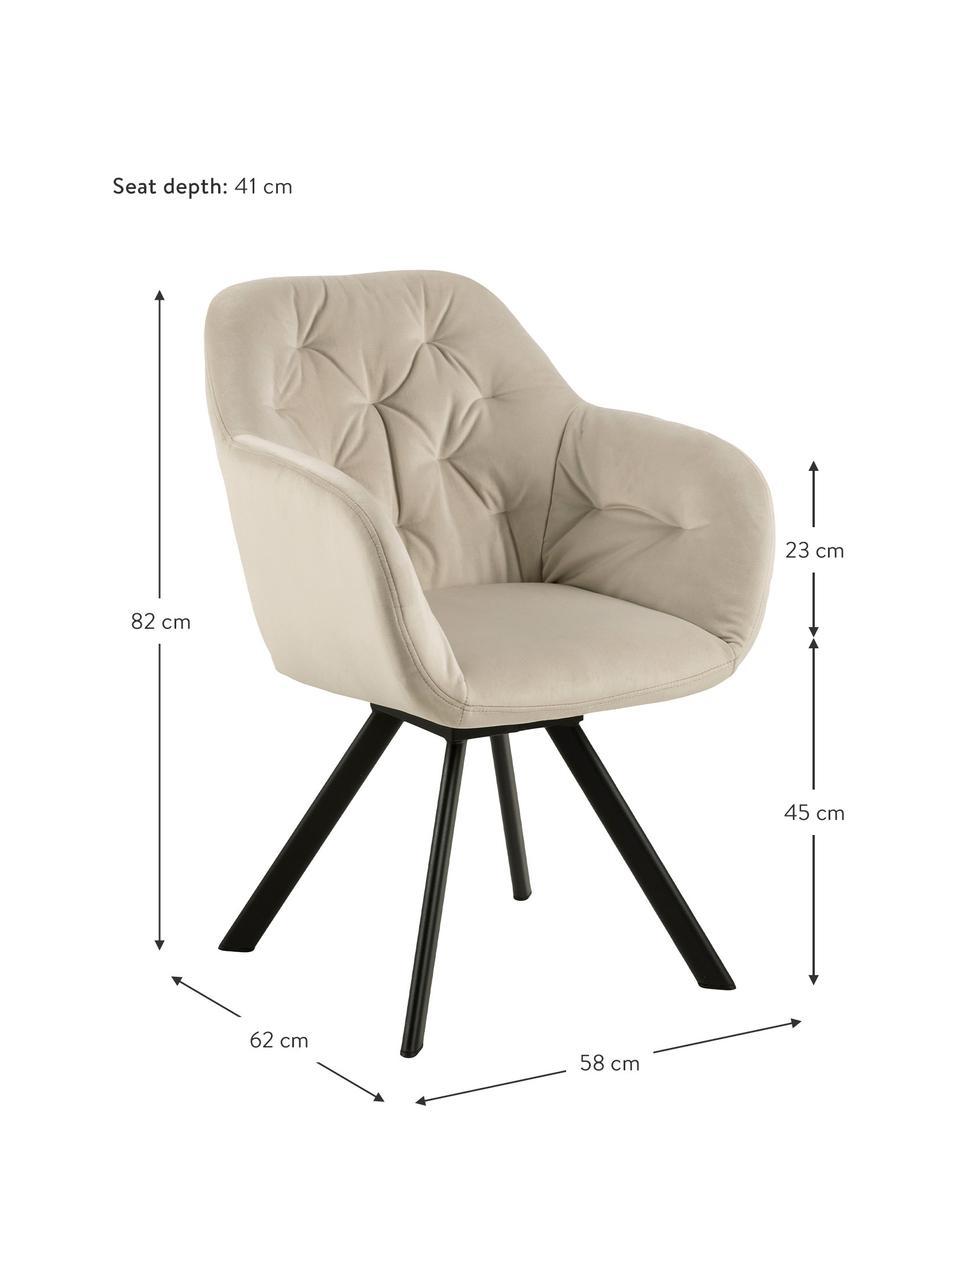 Drehbarer Samt-Armlehnstuhl Lucie, Bezug: Polyestersamt Der hochwer, Beine: Metall, lackiert, Samt Beige, B 58 x T 62 cm